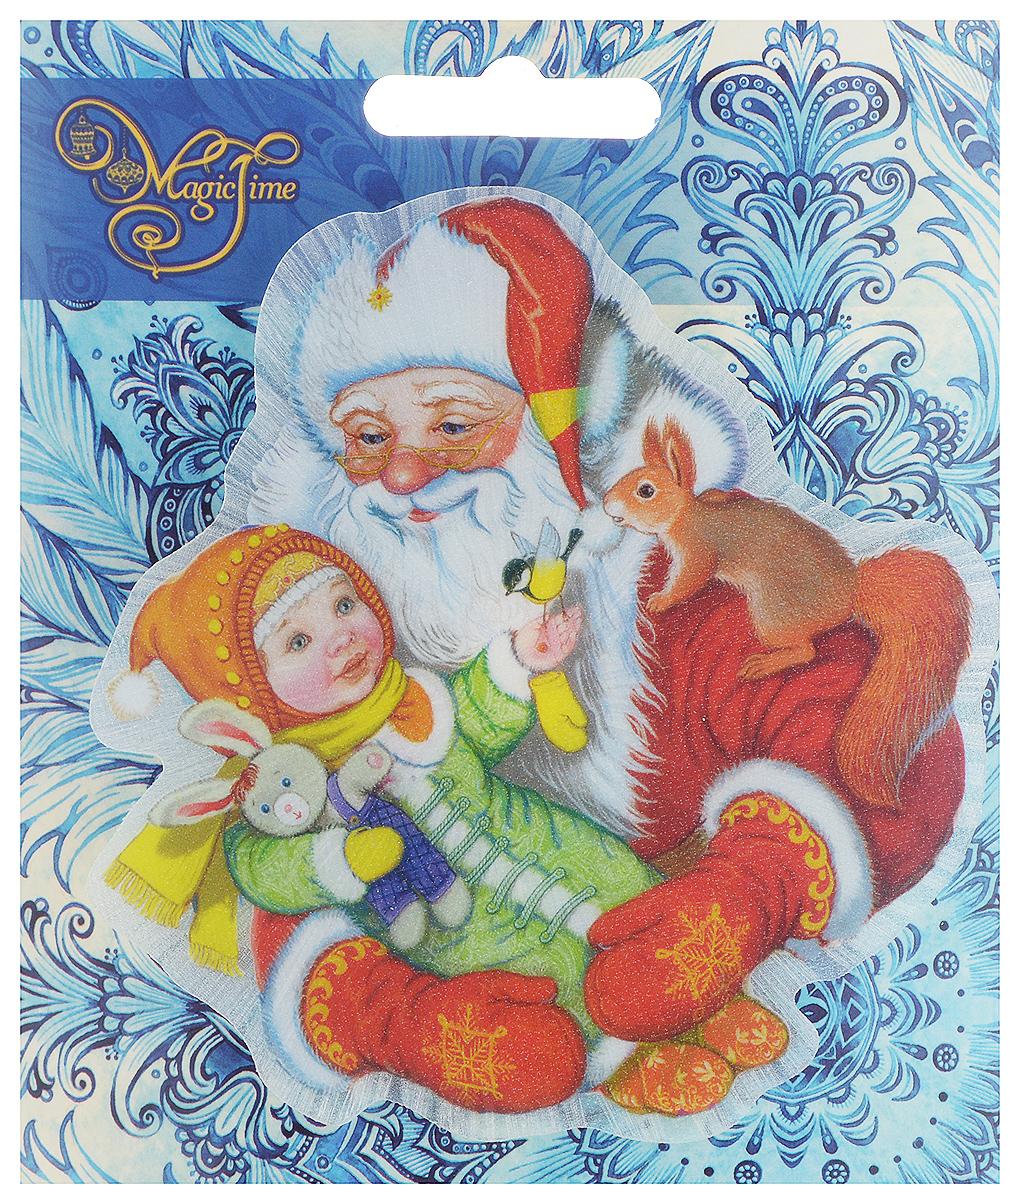 Украшение новогоднее Magic Time Дедушка Мороз с девочкой, со светодиодной подсветкой, 11,5 x 11 x 3 см. 42207 украшение новогоднее magic time снеговики со светодиодной подсветкой на присоске 10 5 x 10 x 3 см